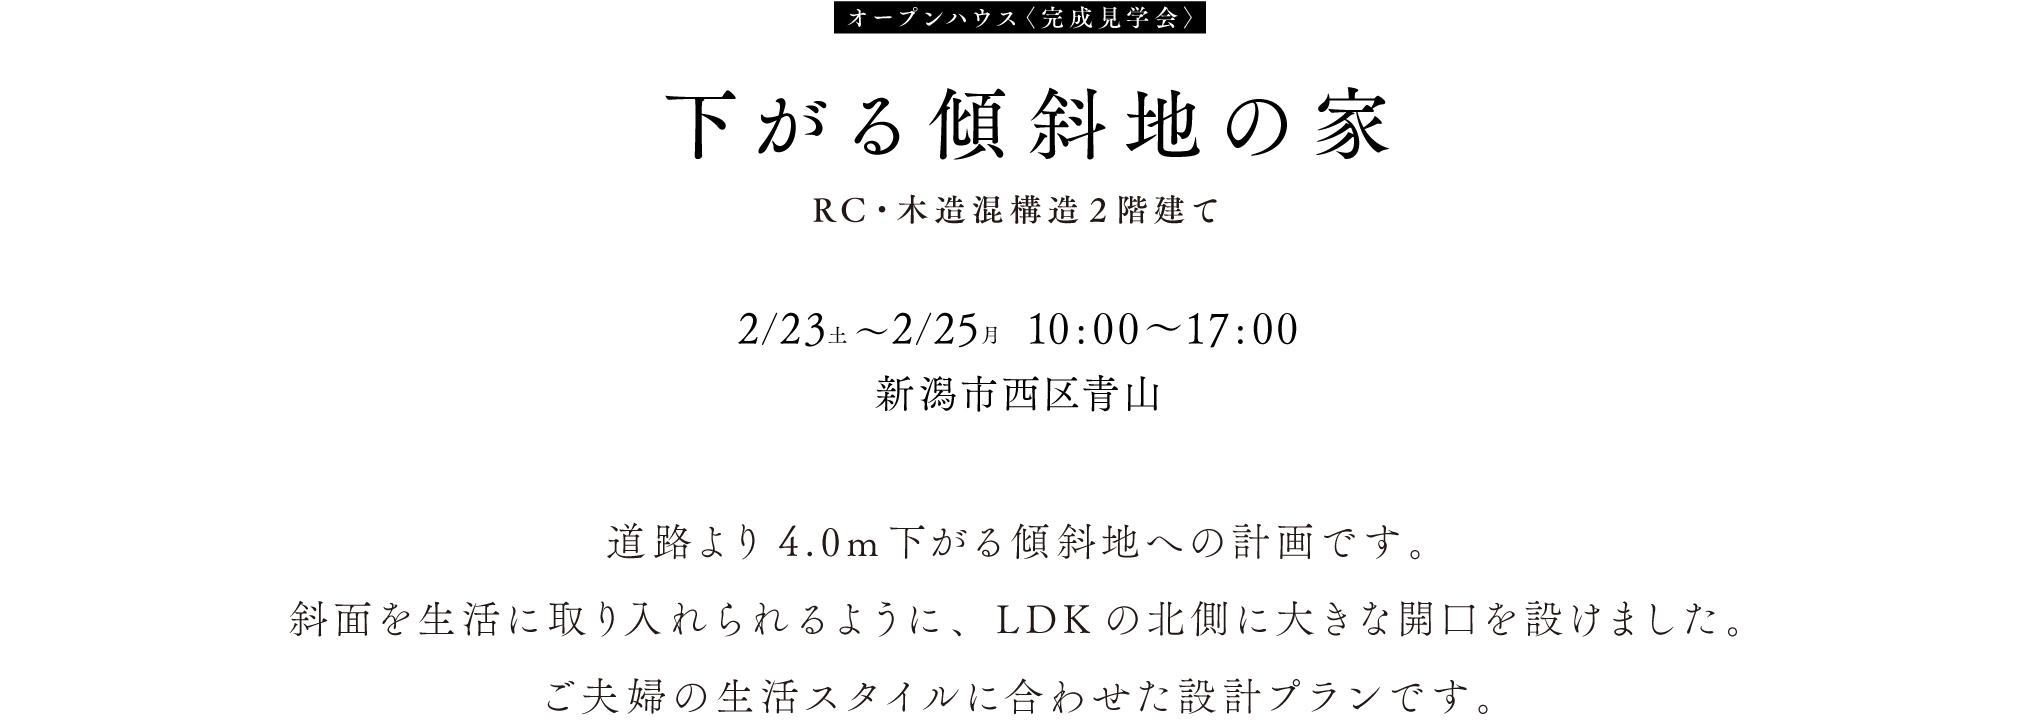 新潟市西区青山コートハウス 2/23(土)〜2/25(月) 10:00〜17:00